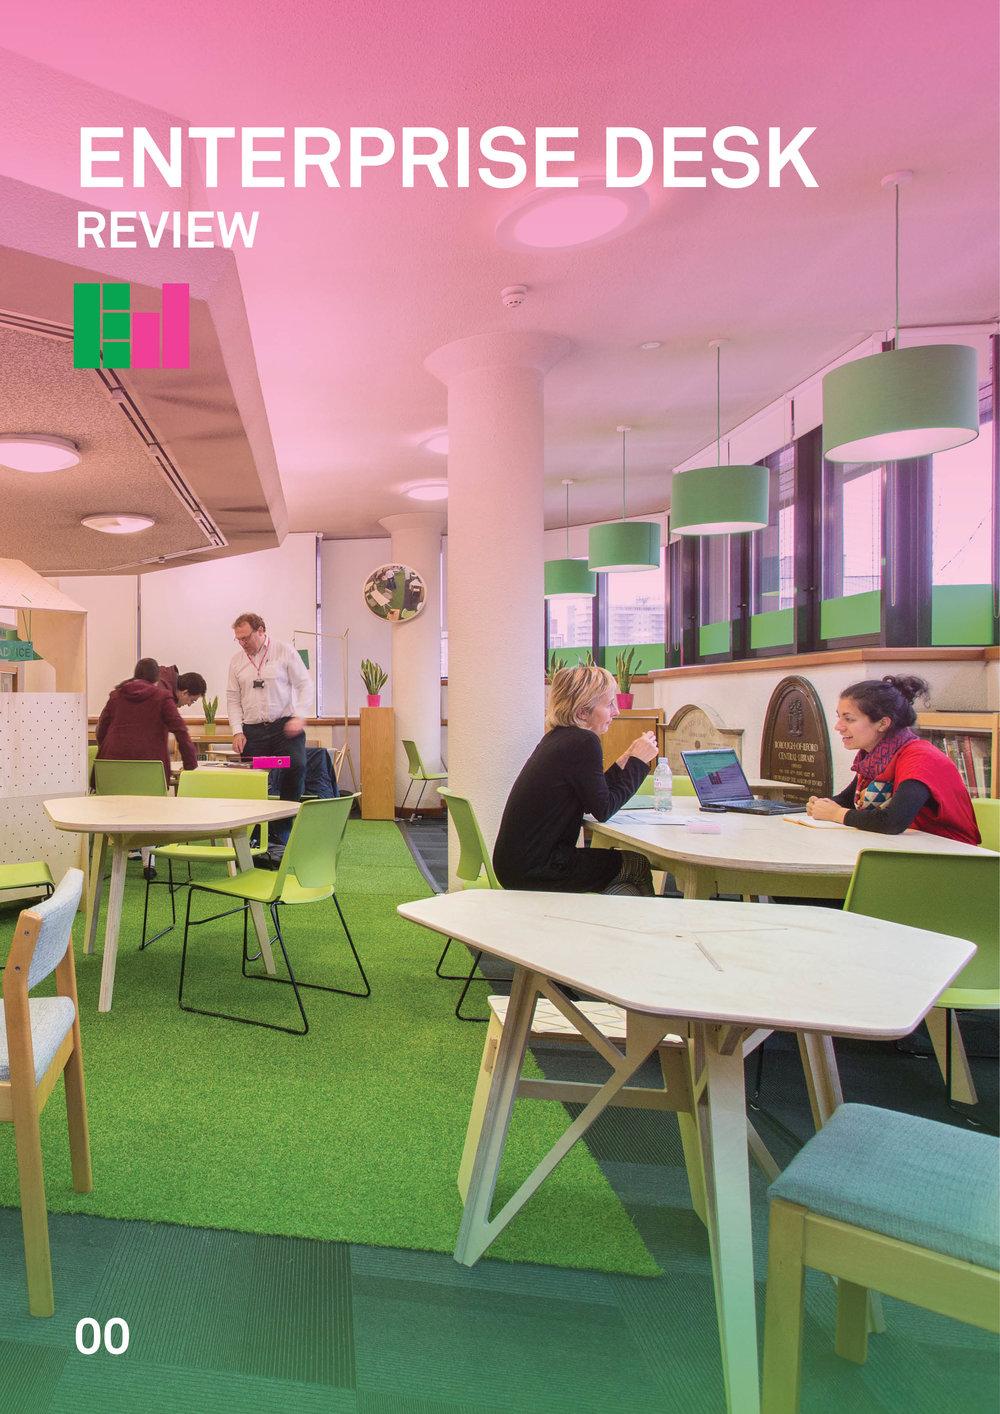 Enterprise Desk Review Front Page.jpg